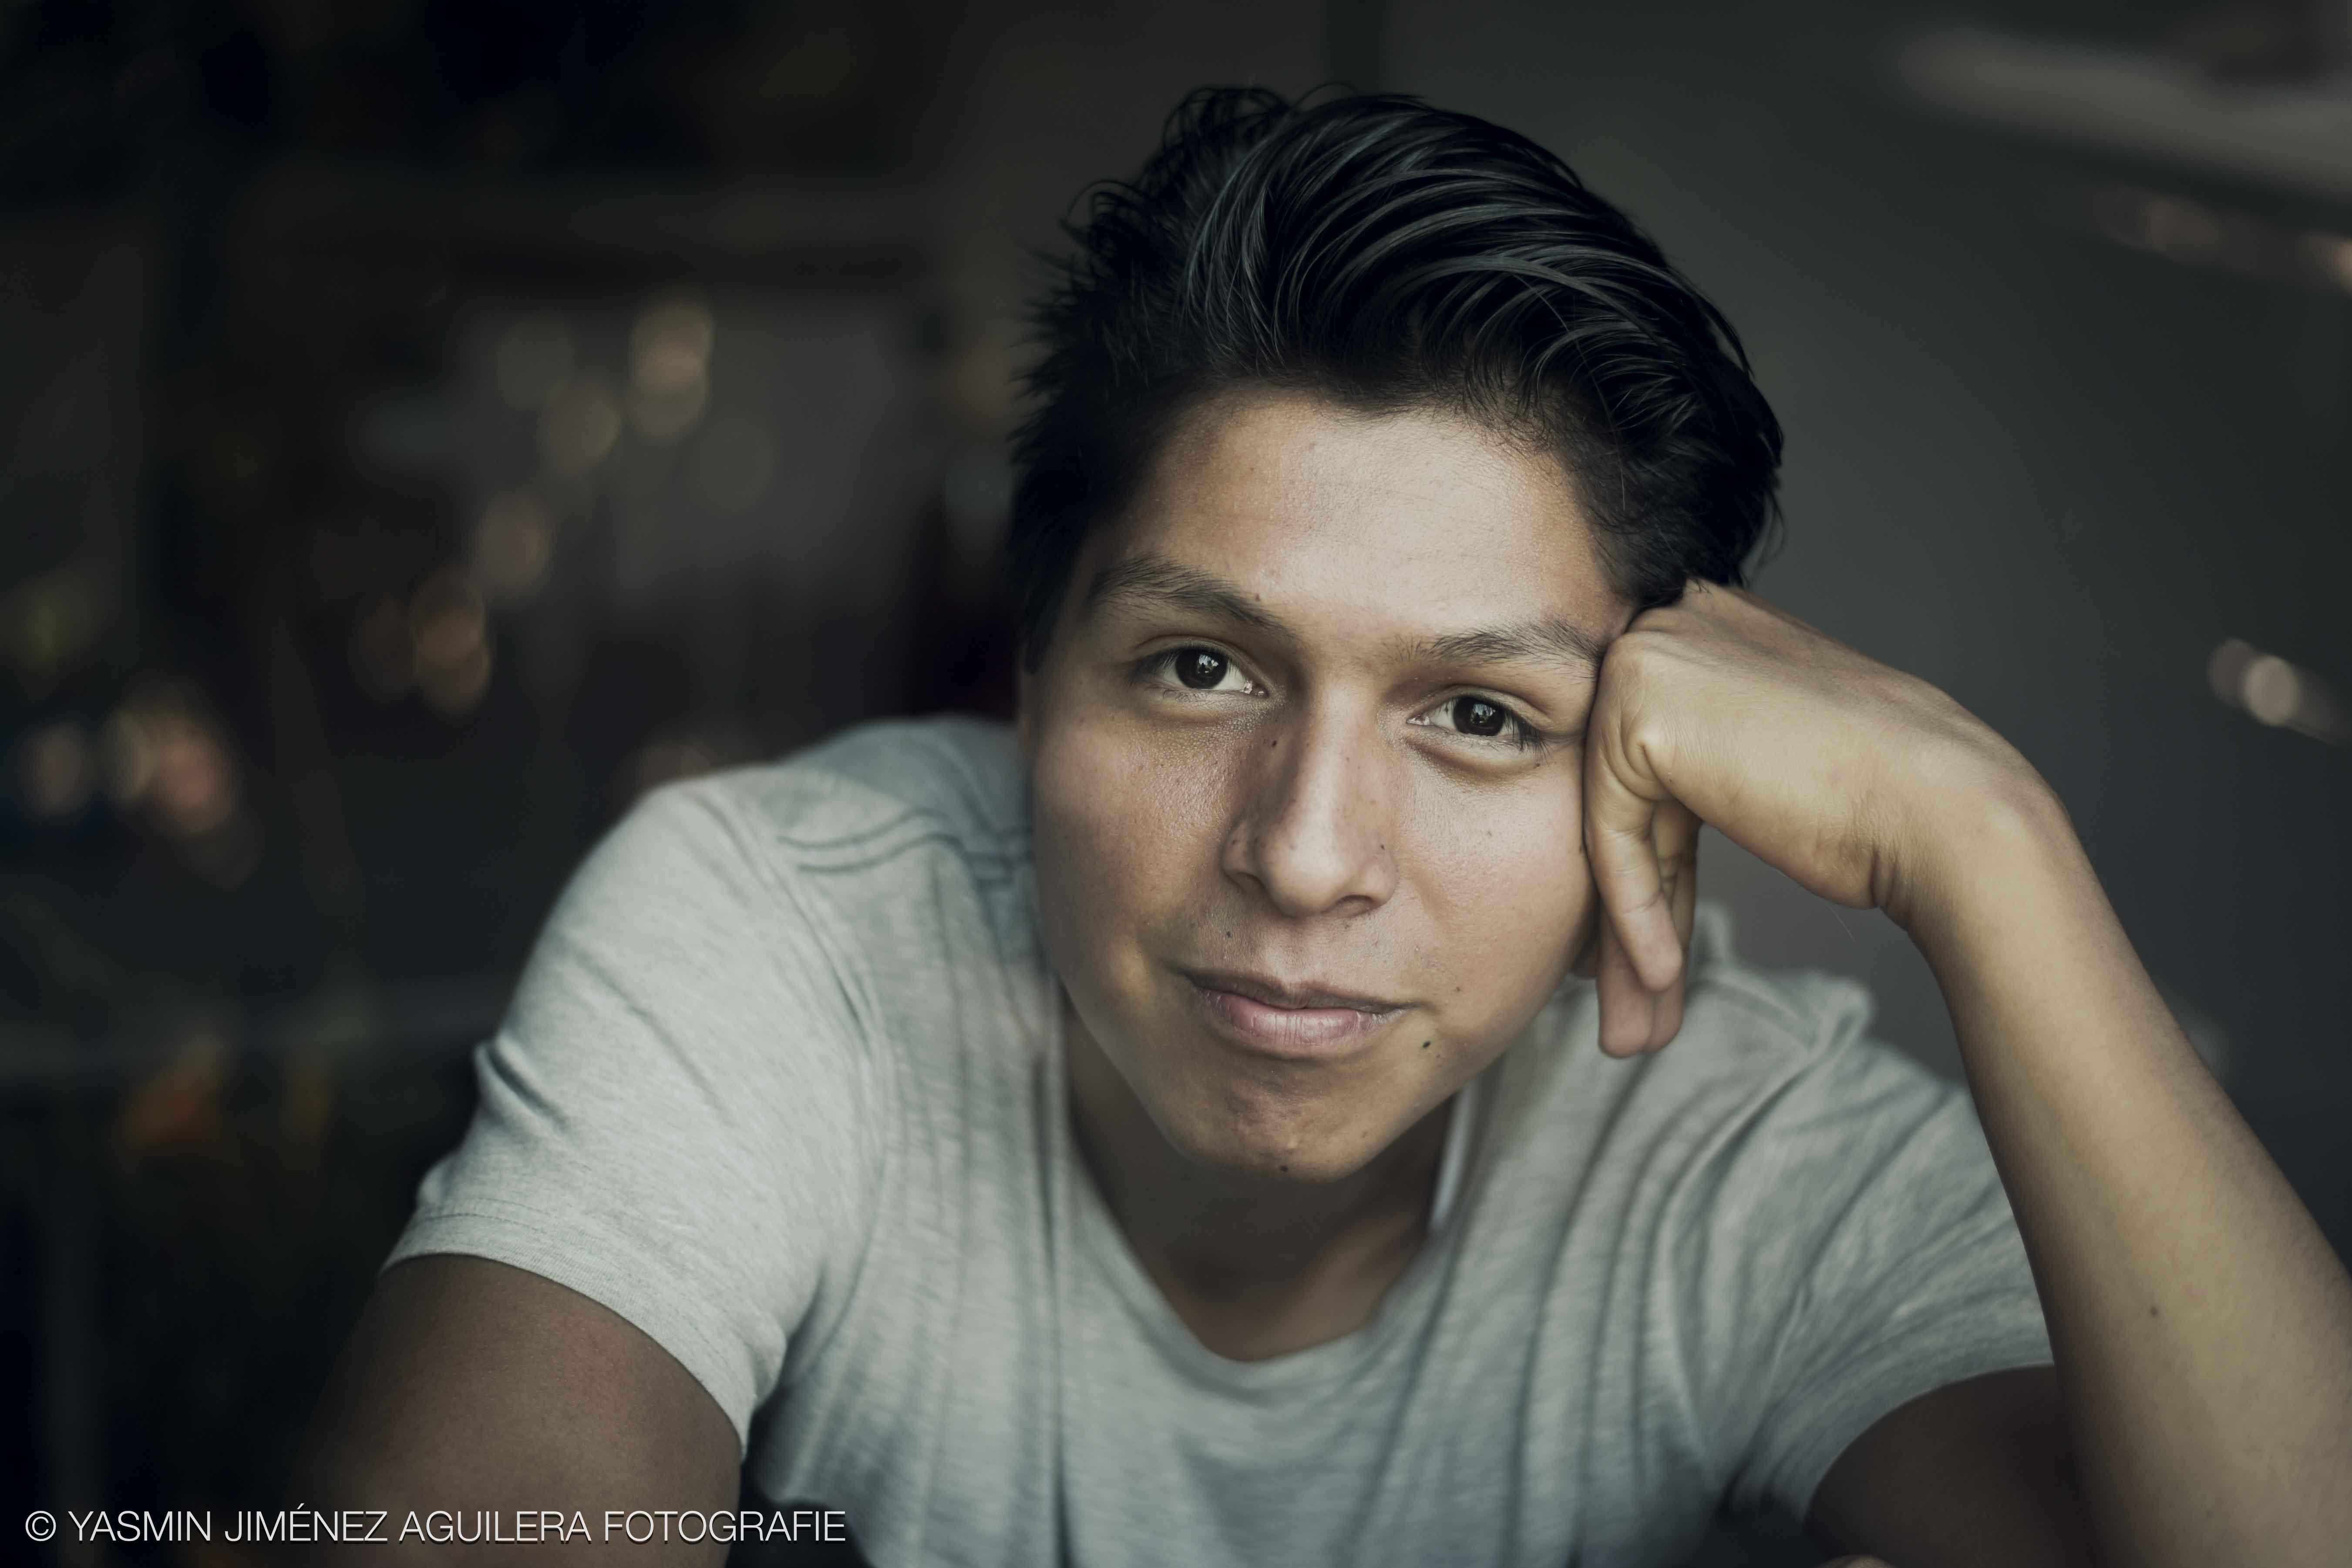 Yasmin Jimenez Aguilera Fotografie